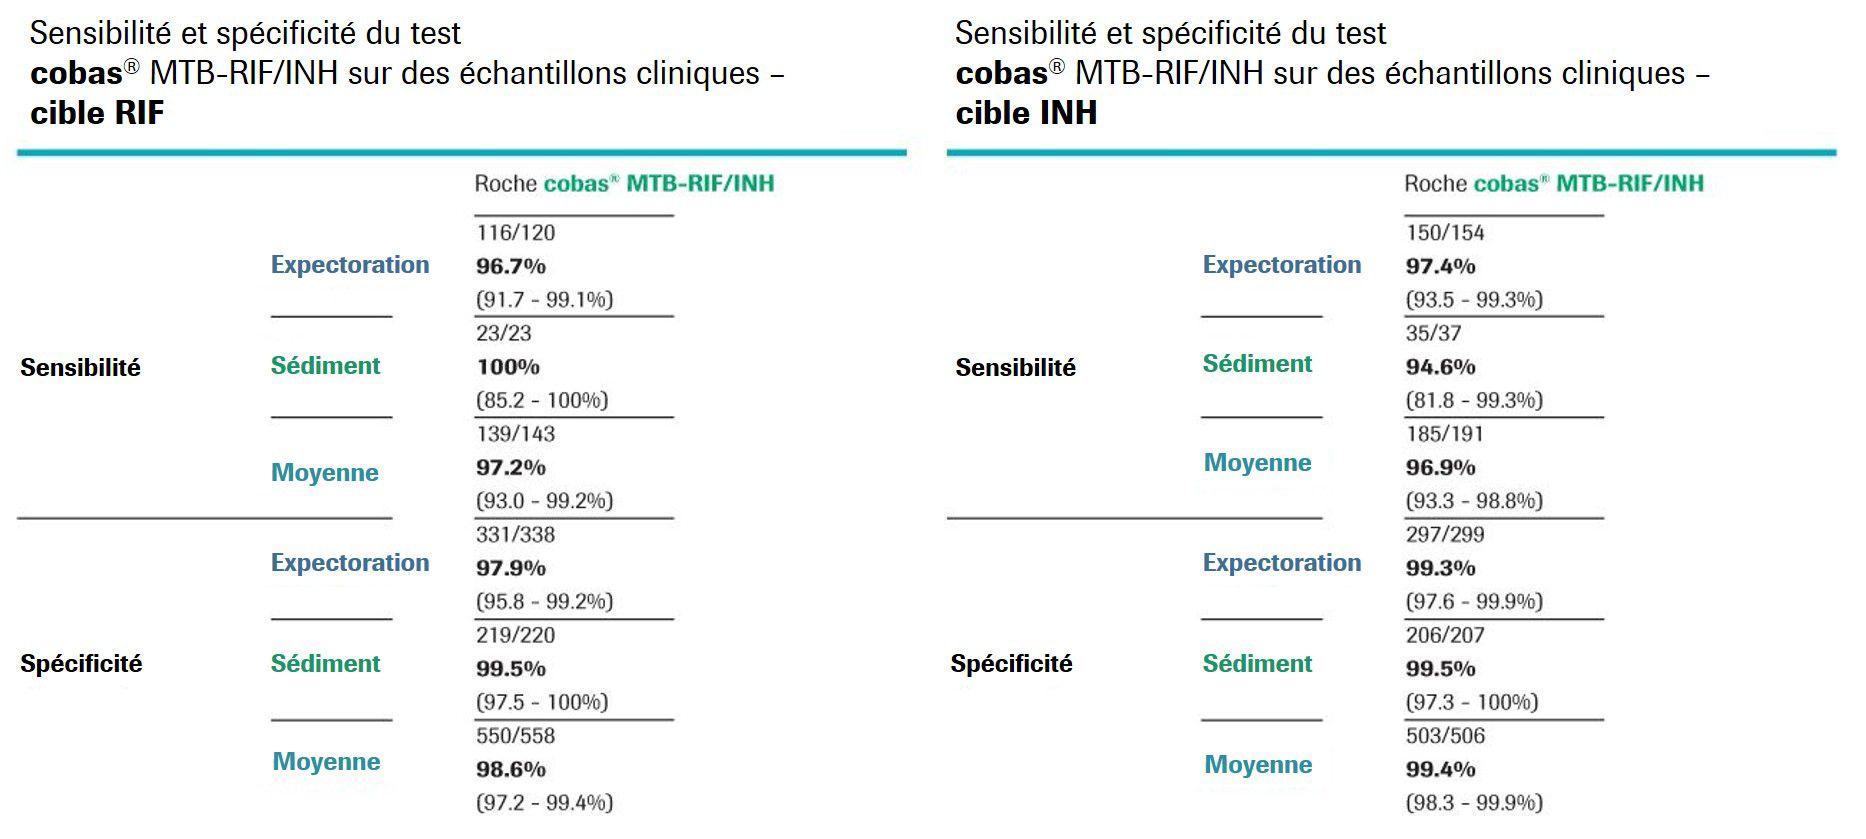 MTB-RIF-INH-sensibilité-et-spécificité